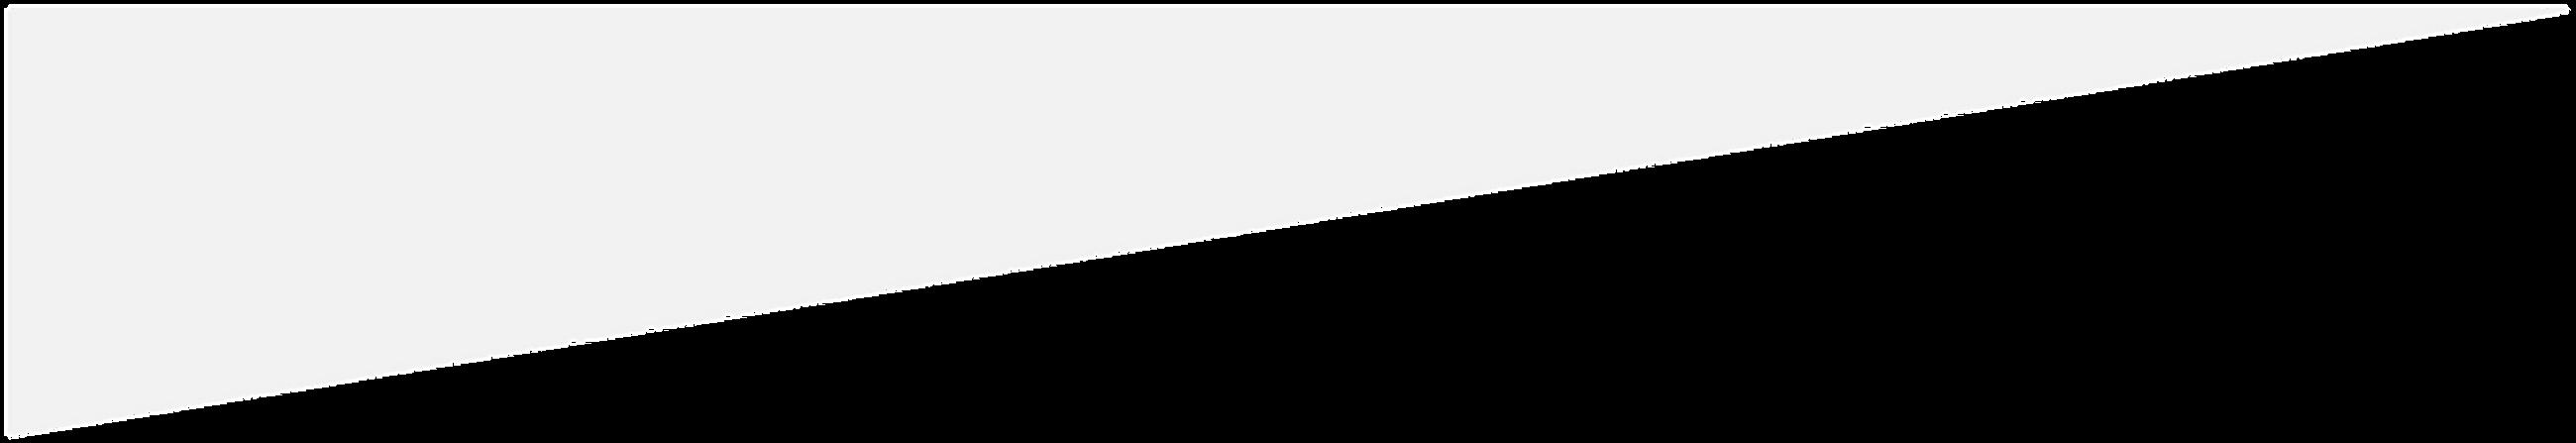 三角01-01.png